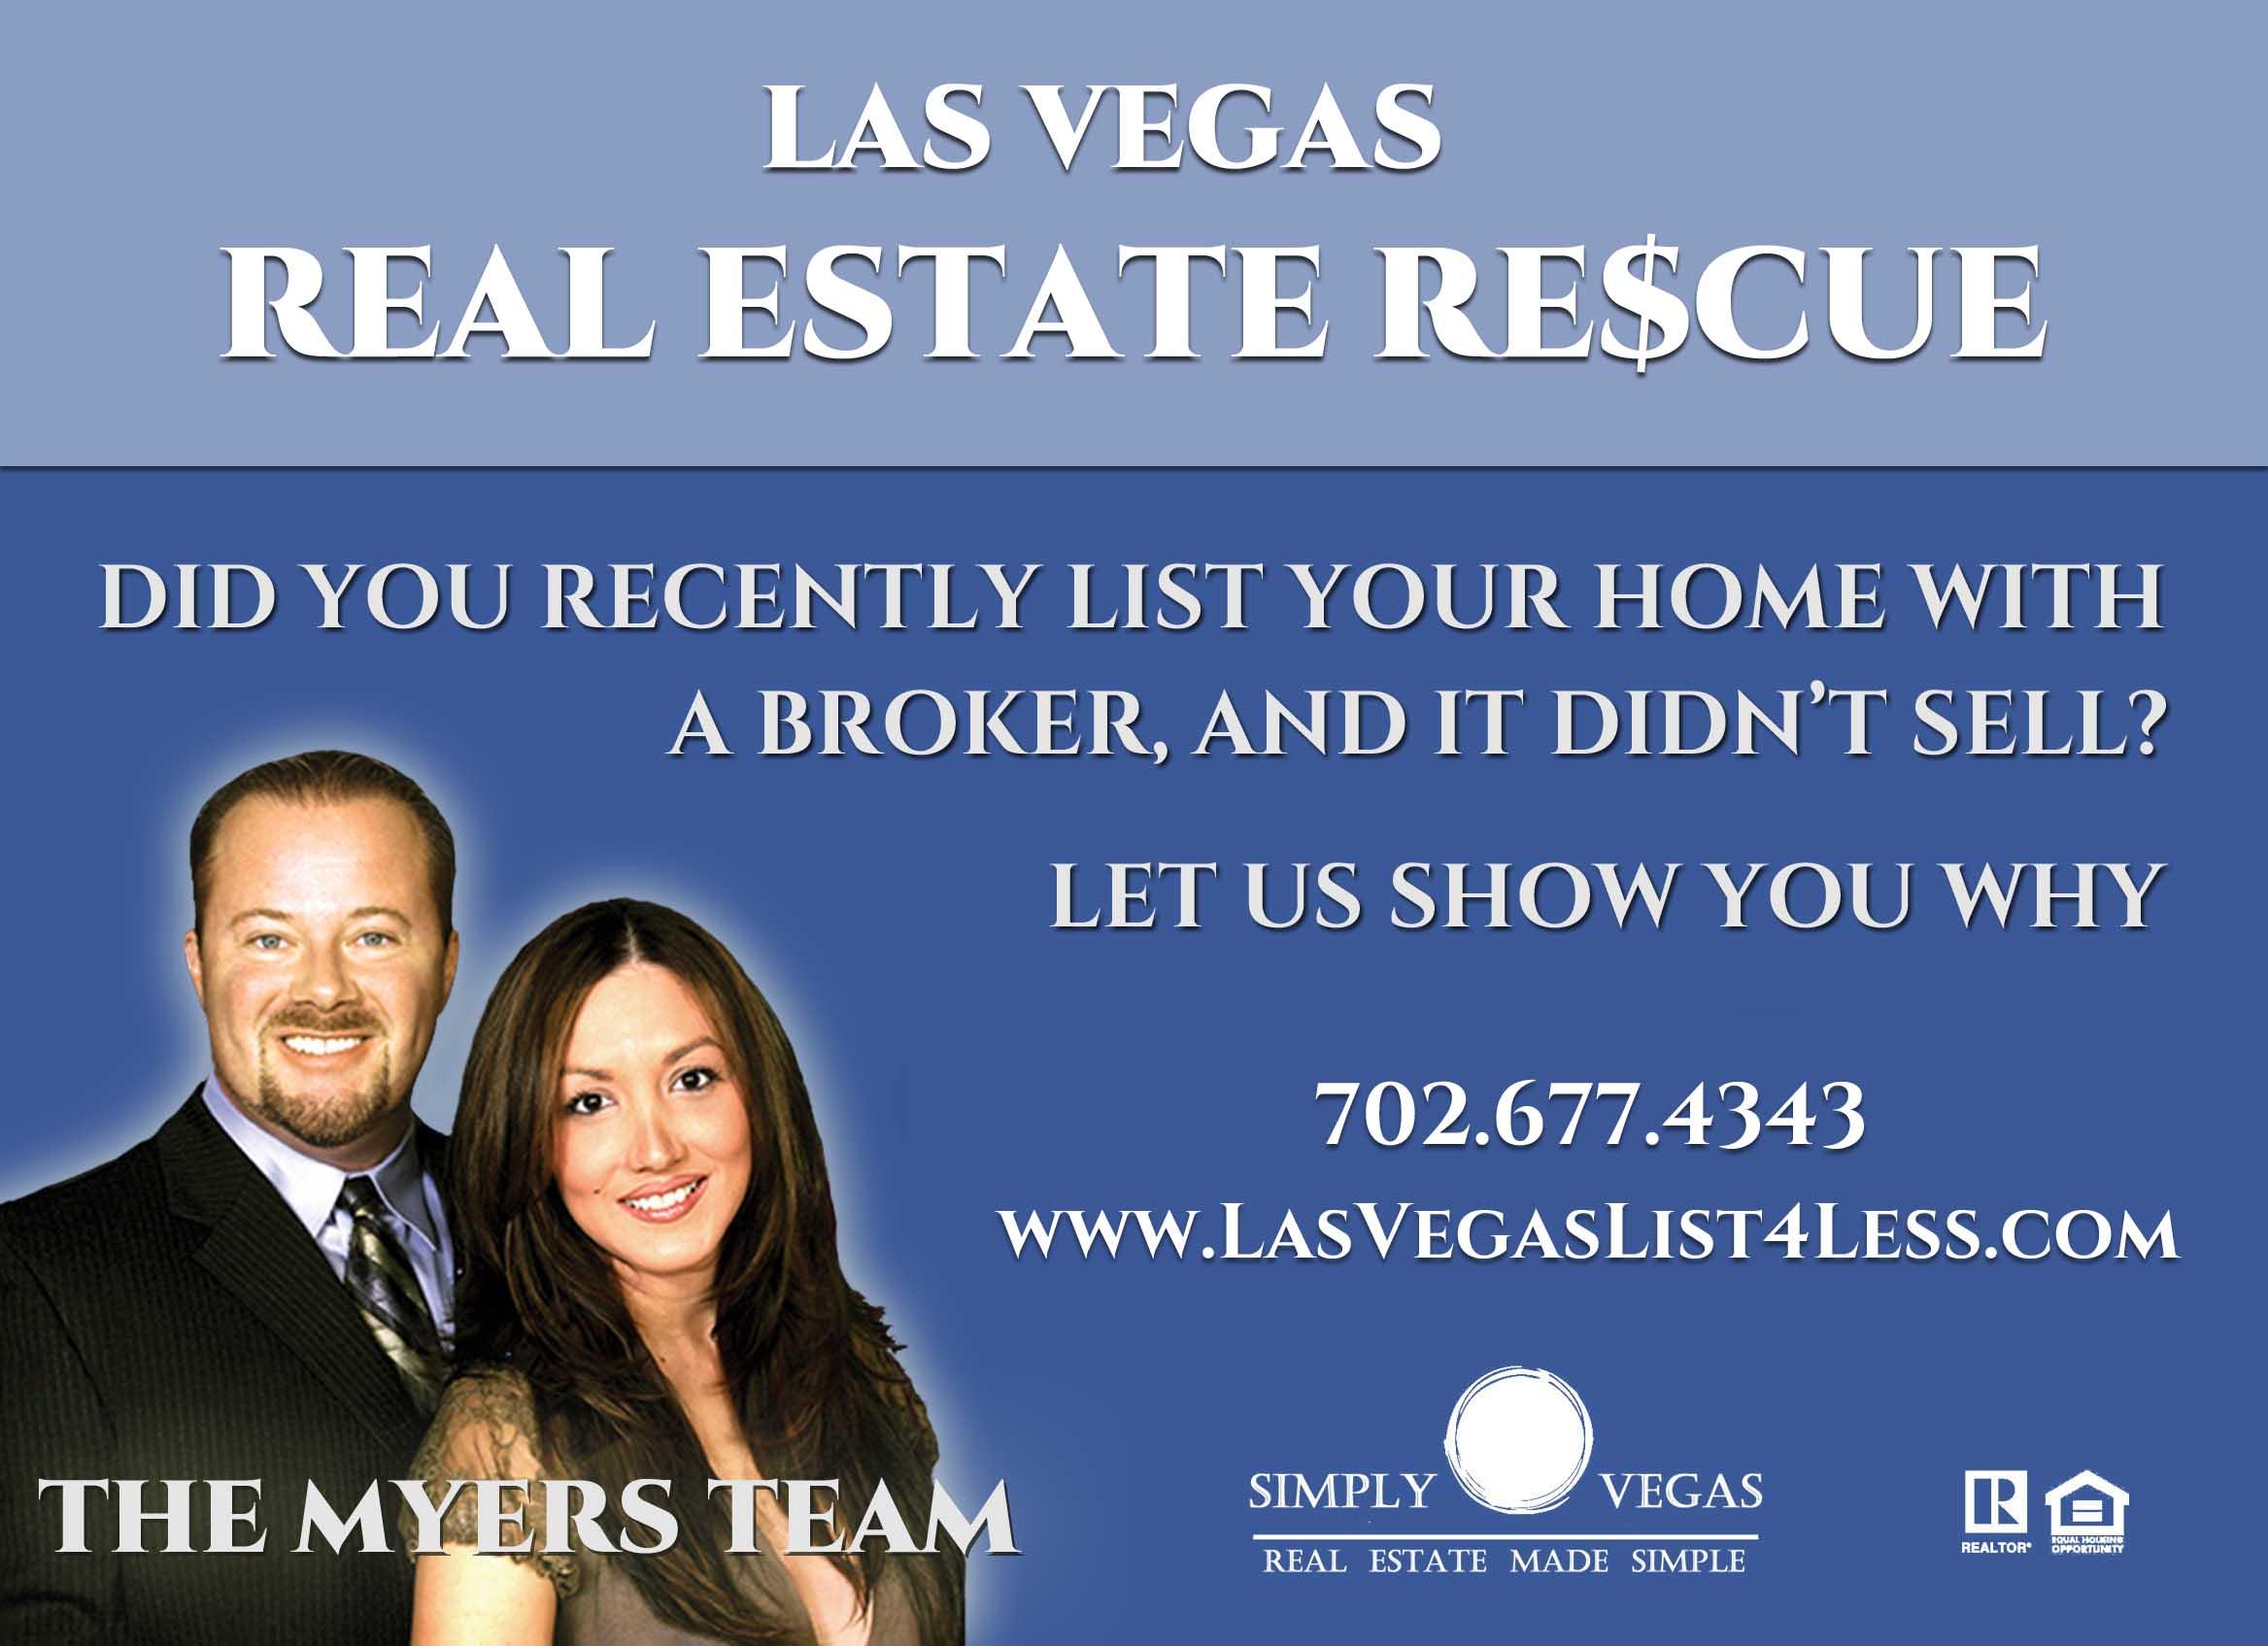 Las Vegas Top Realtor